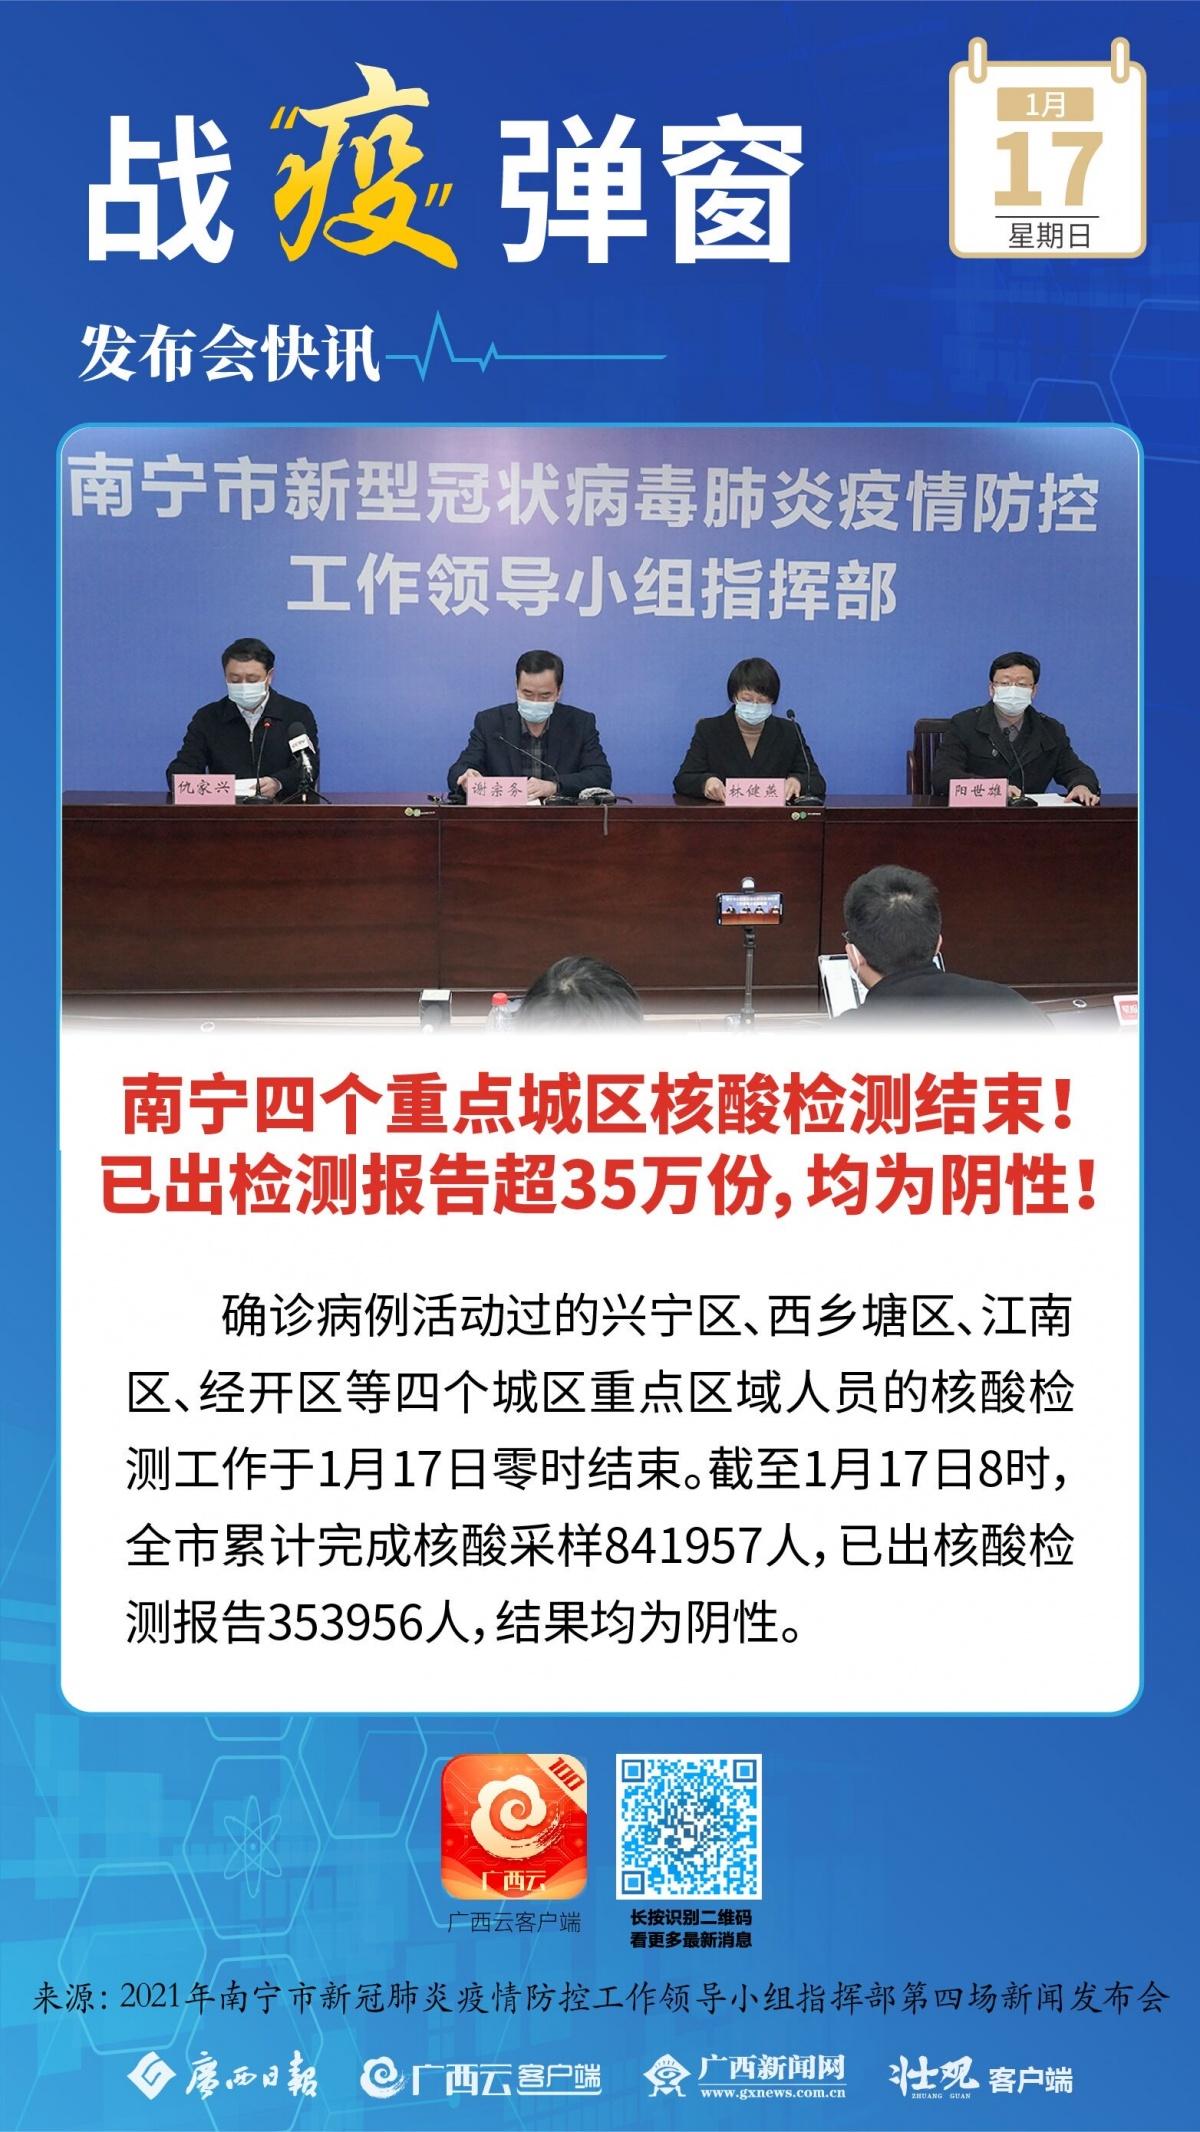 无新增!南宁完成84万多人核酸采样 防控策略调整